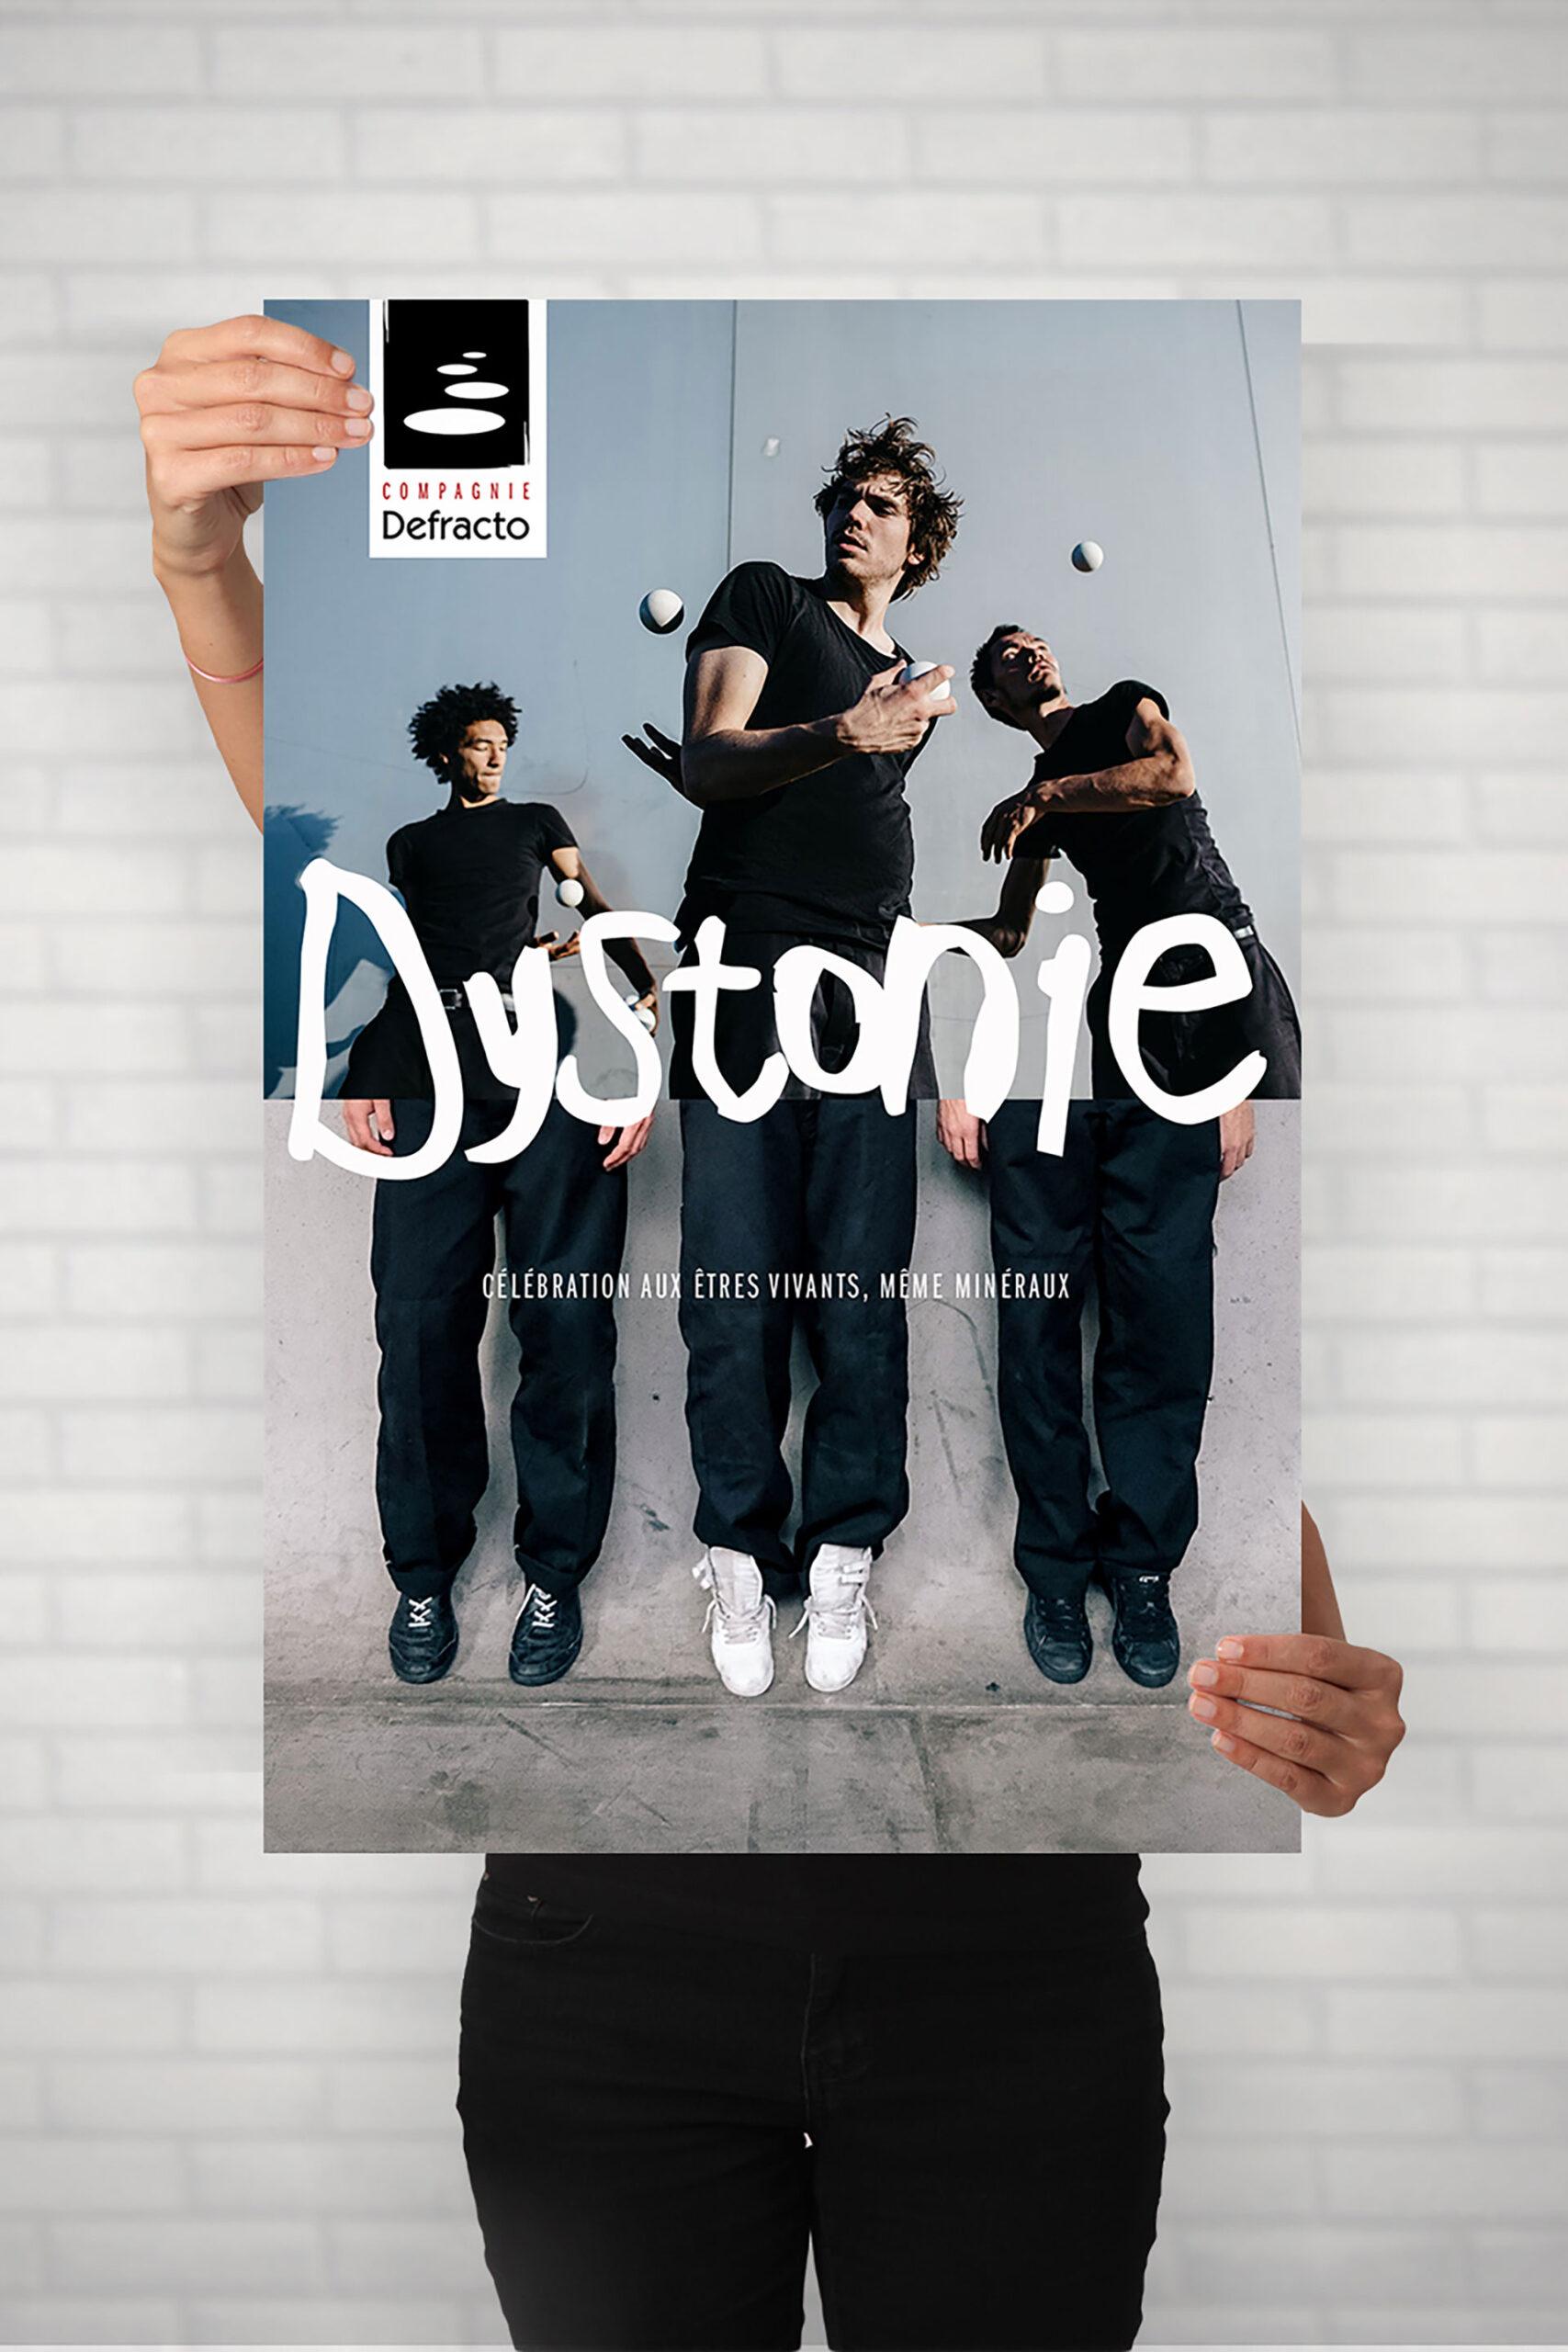 Affiche Defracto-Dystonie-Cmondada Design